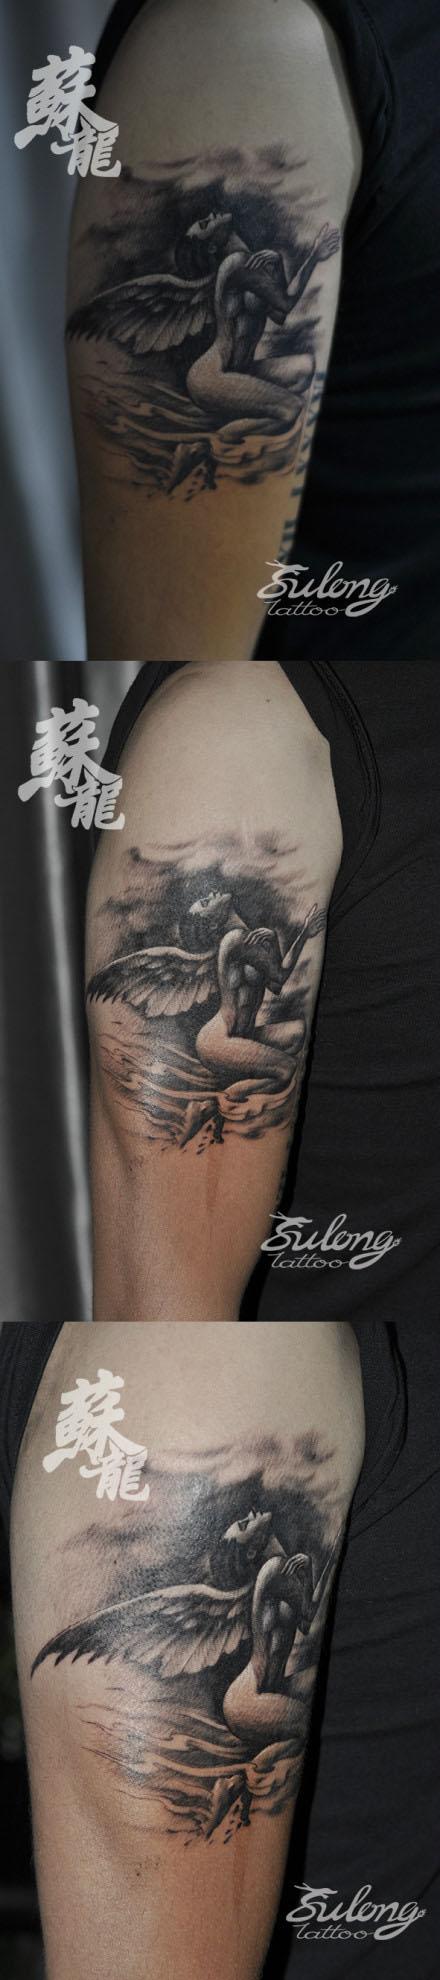 男人手臂很酷漂亮的天使纹身图案